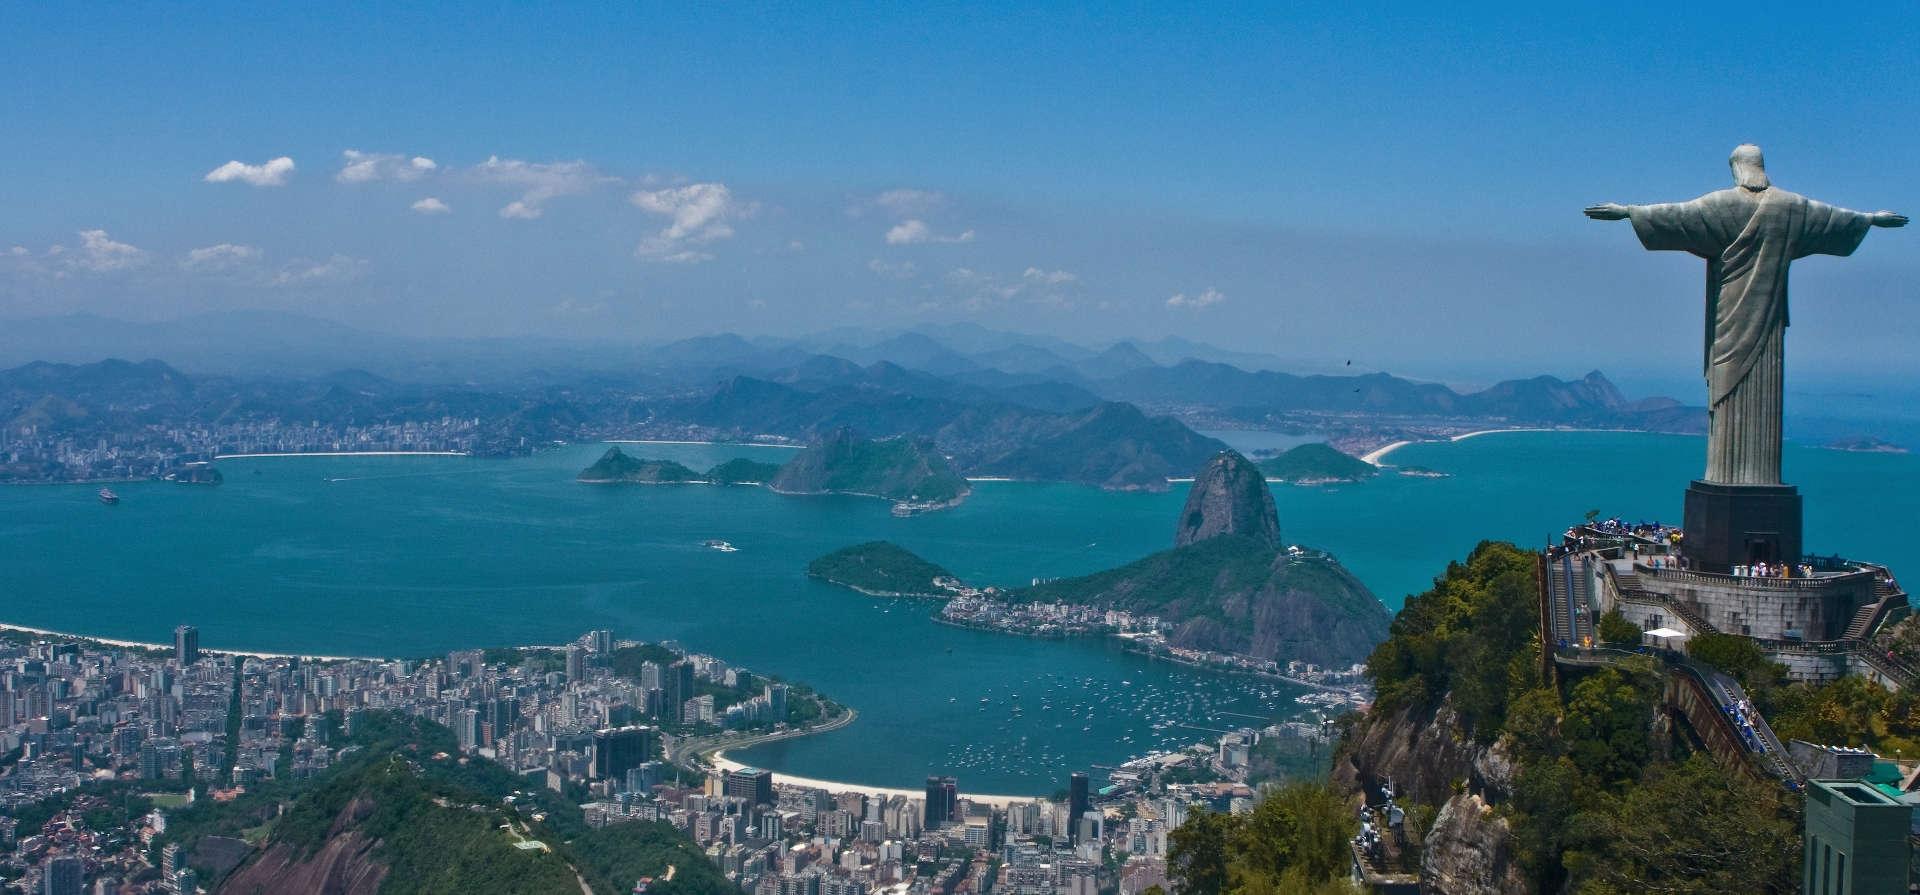 Río de Janeiro: Un destino predilecto para el disfrute